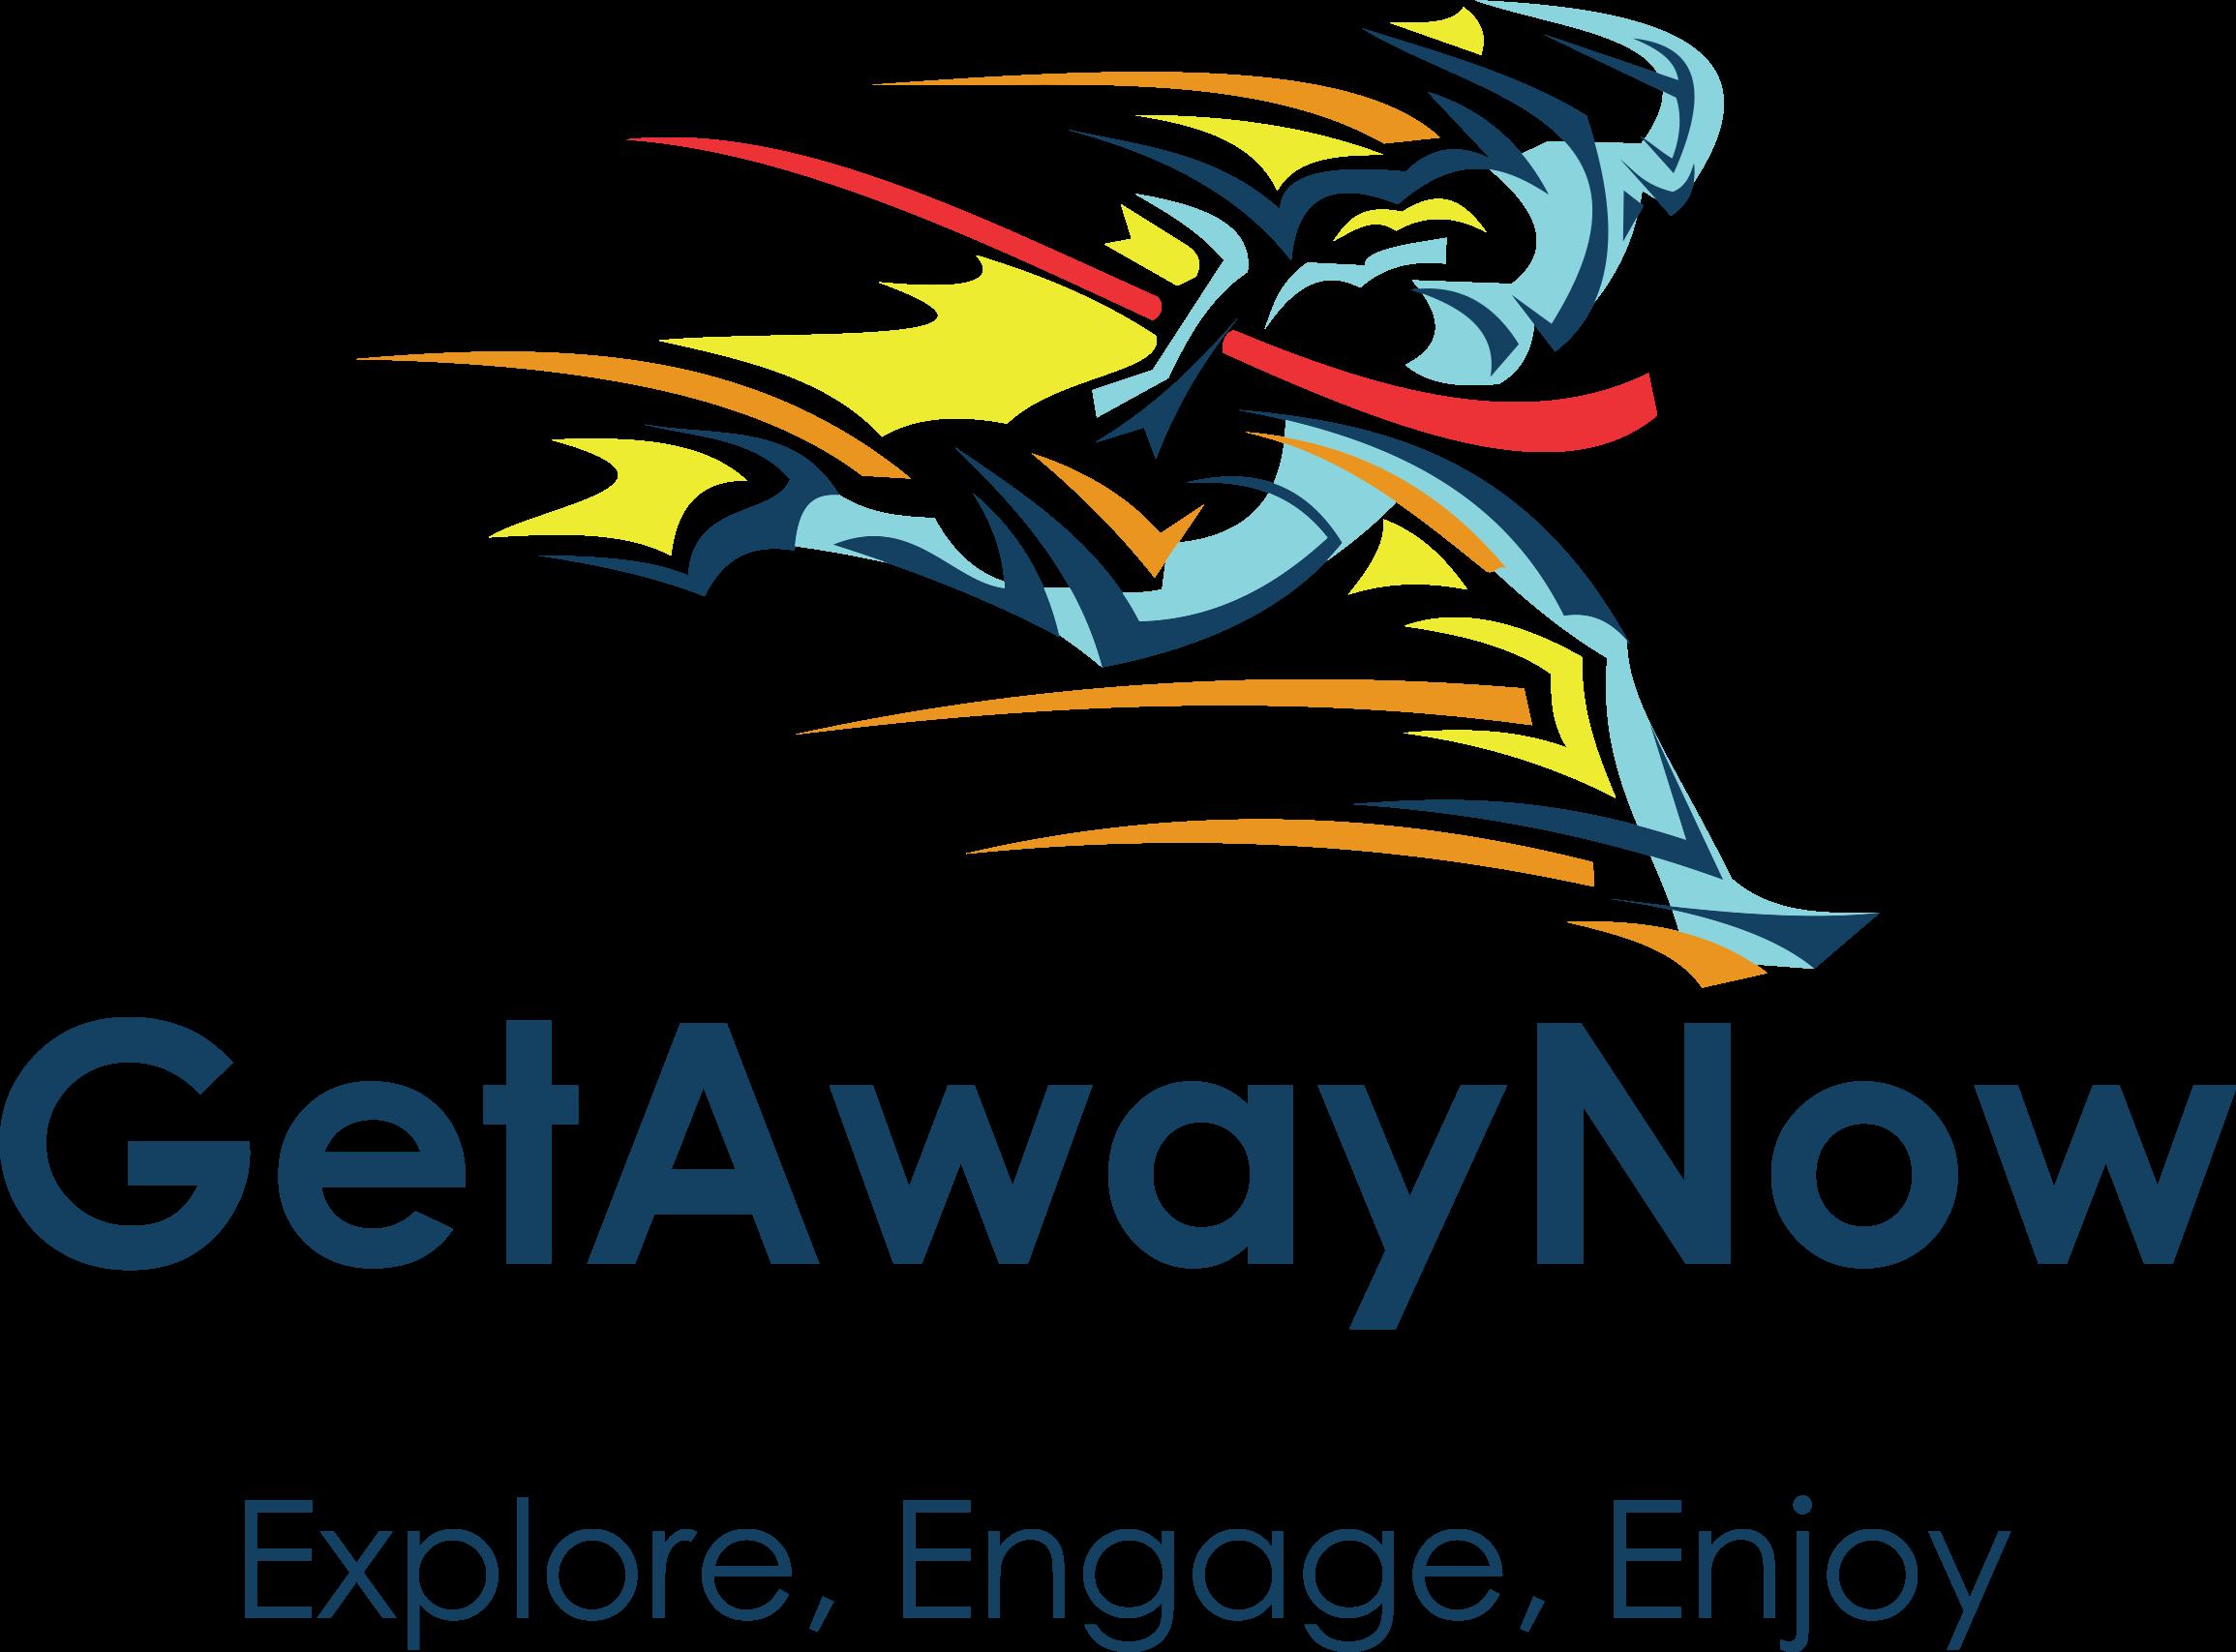 GetAwayNow